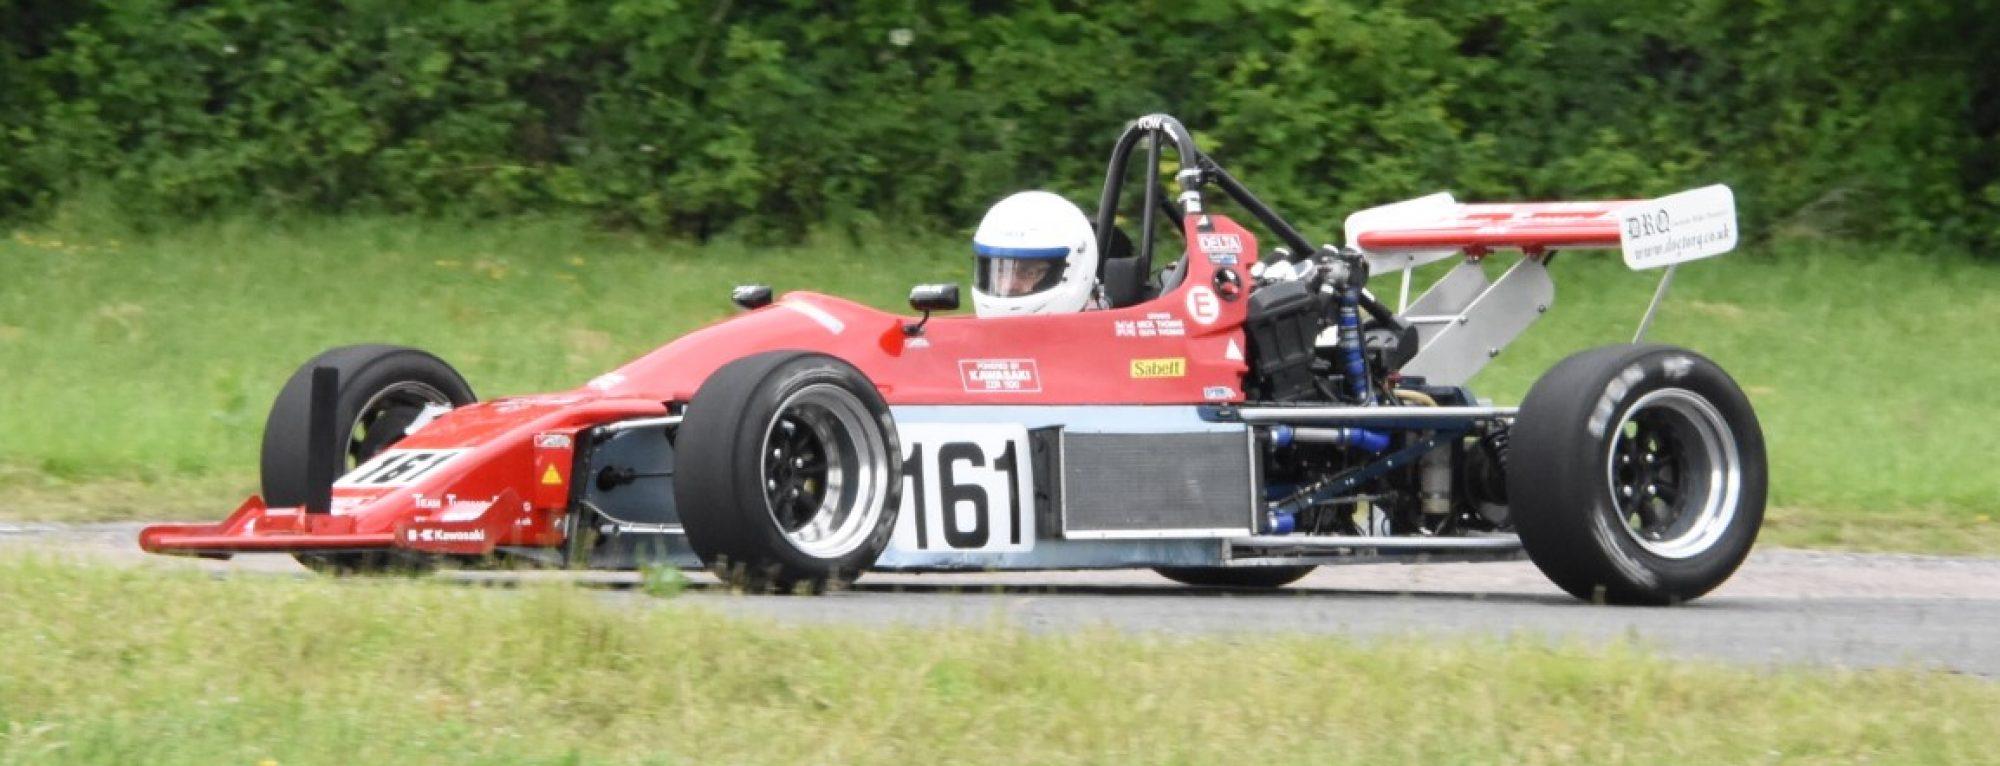 Owen Motoring Club